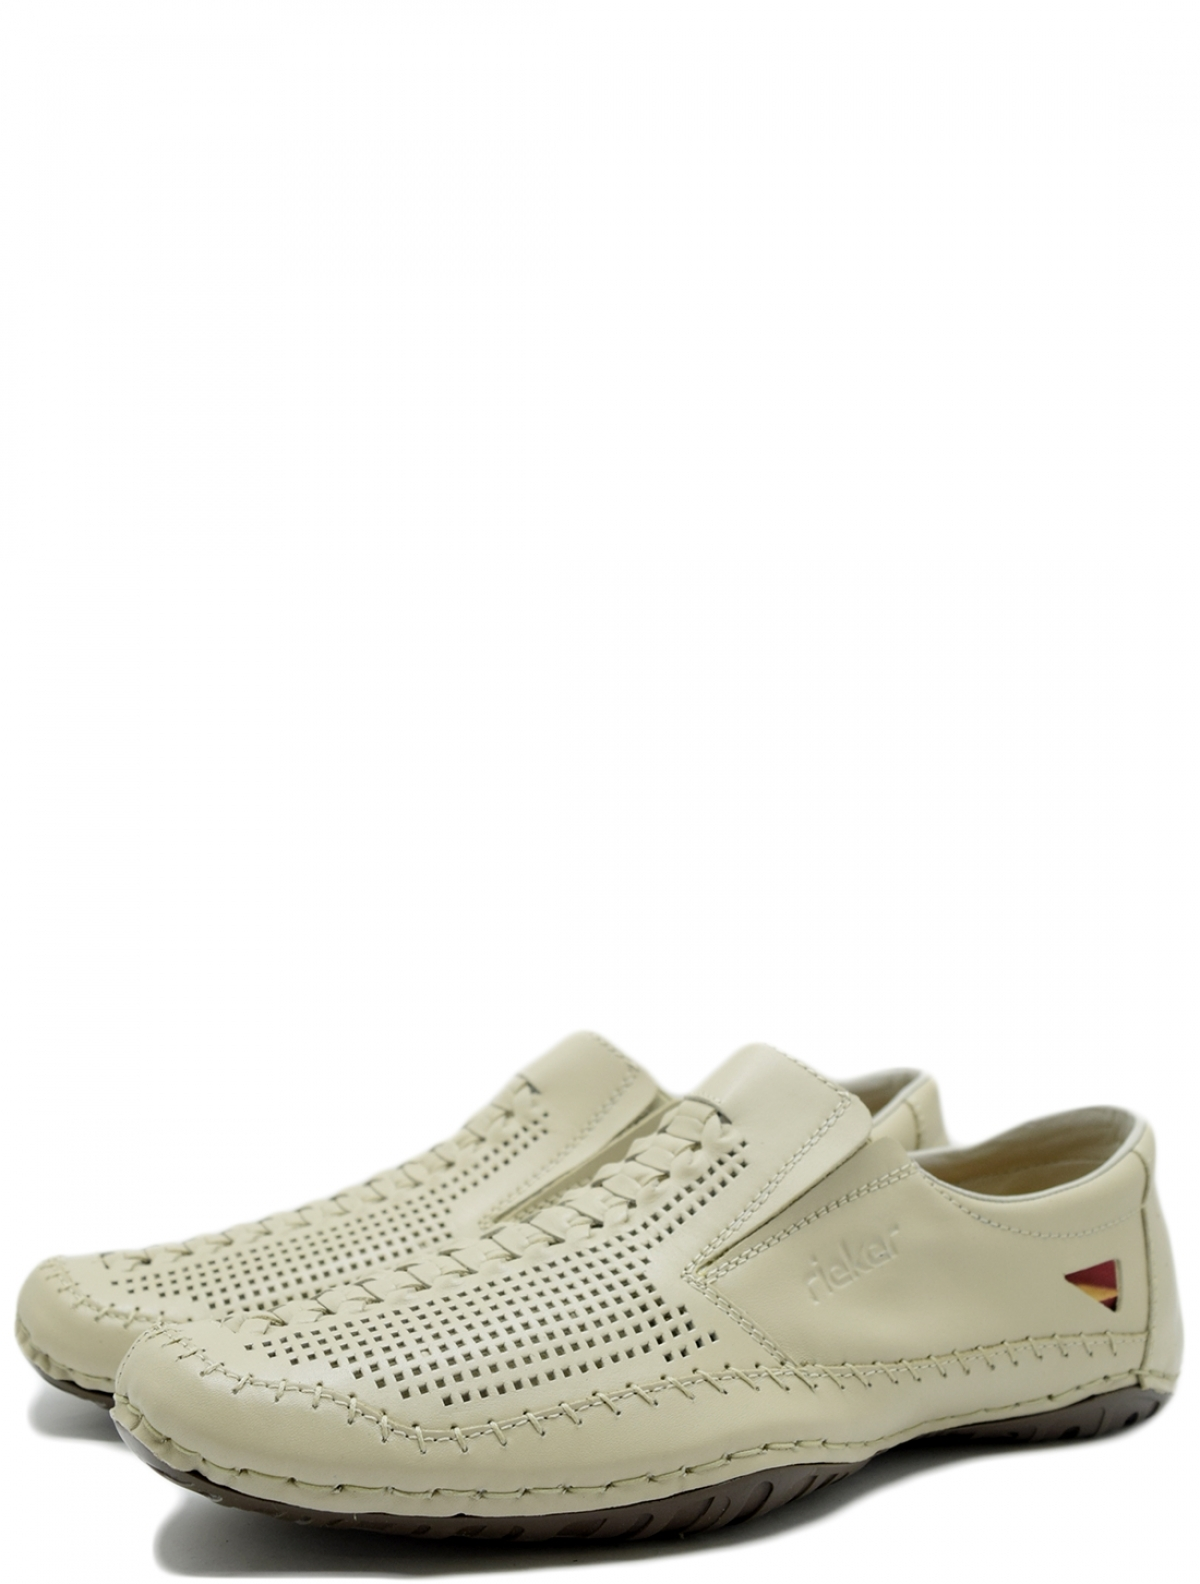 Rieker 06388-60 мужские туфли